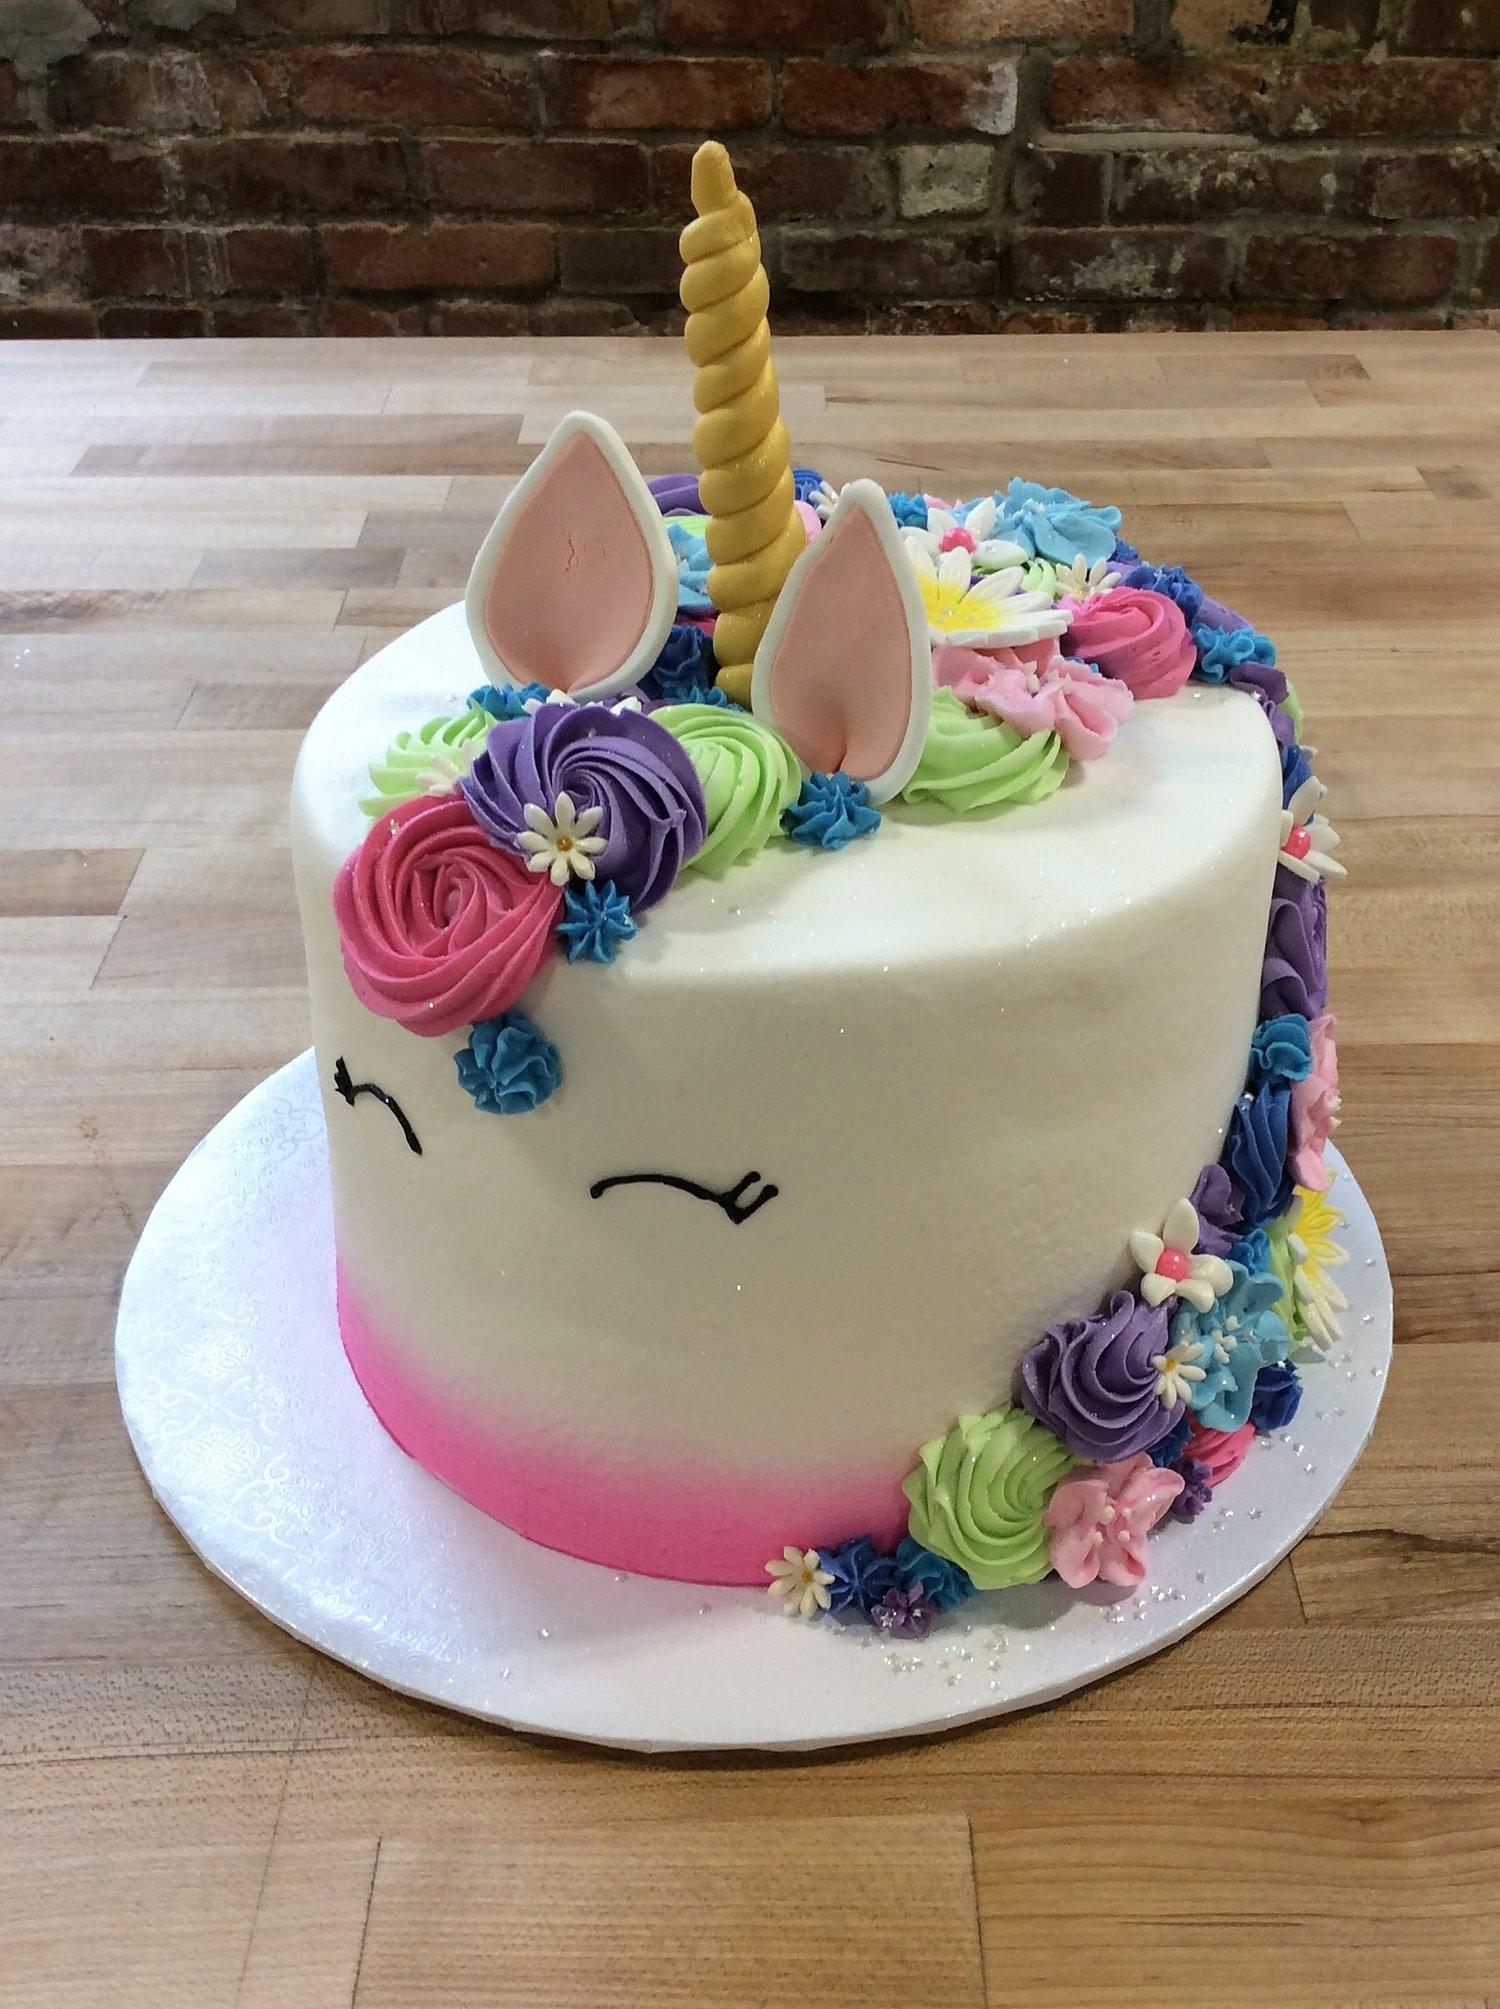 Unicorn Cake With Fancy Flower Mane Trefzger S Bakery